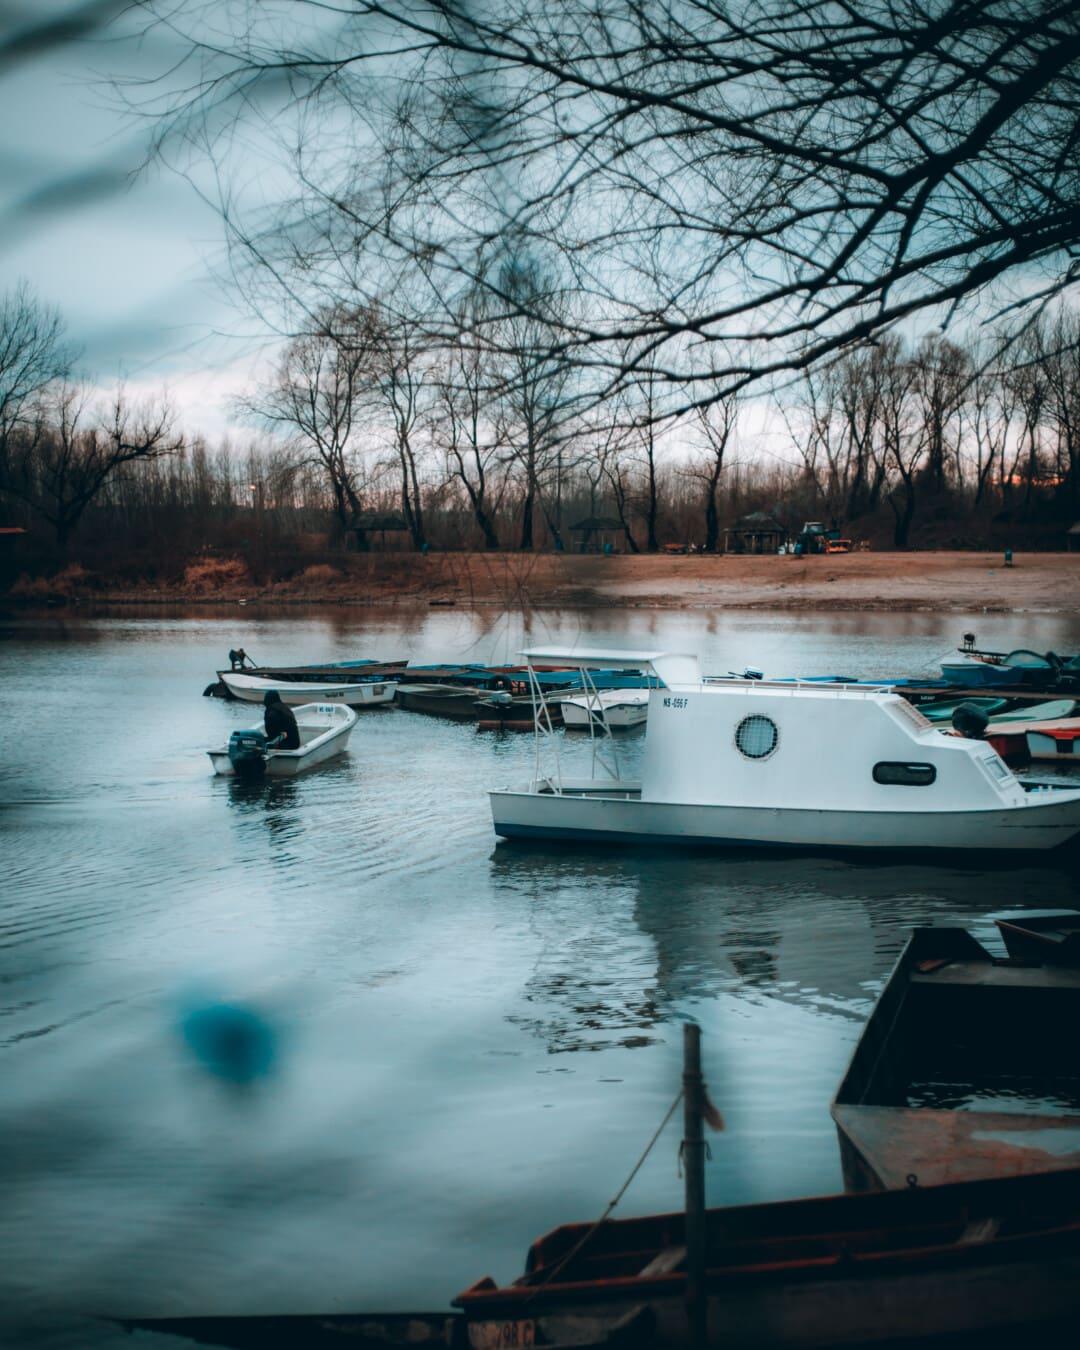 station d'accueil, saison de l'automne, froide, bateaux, matin, bateau de pêche, bateau à moteur, port, eau, bateau